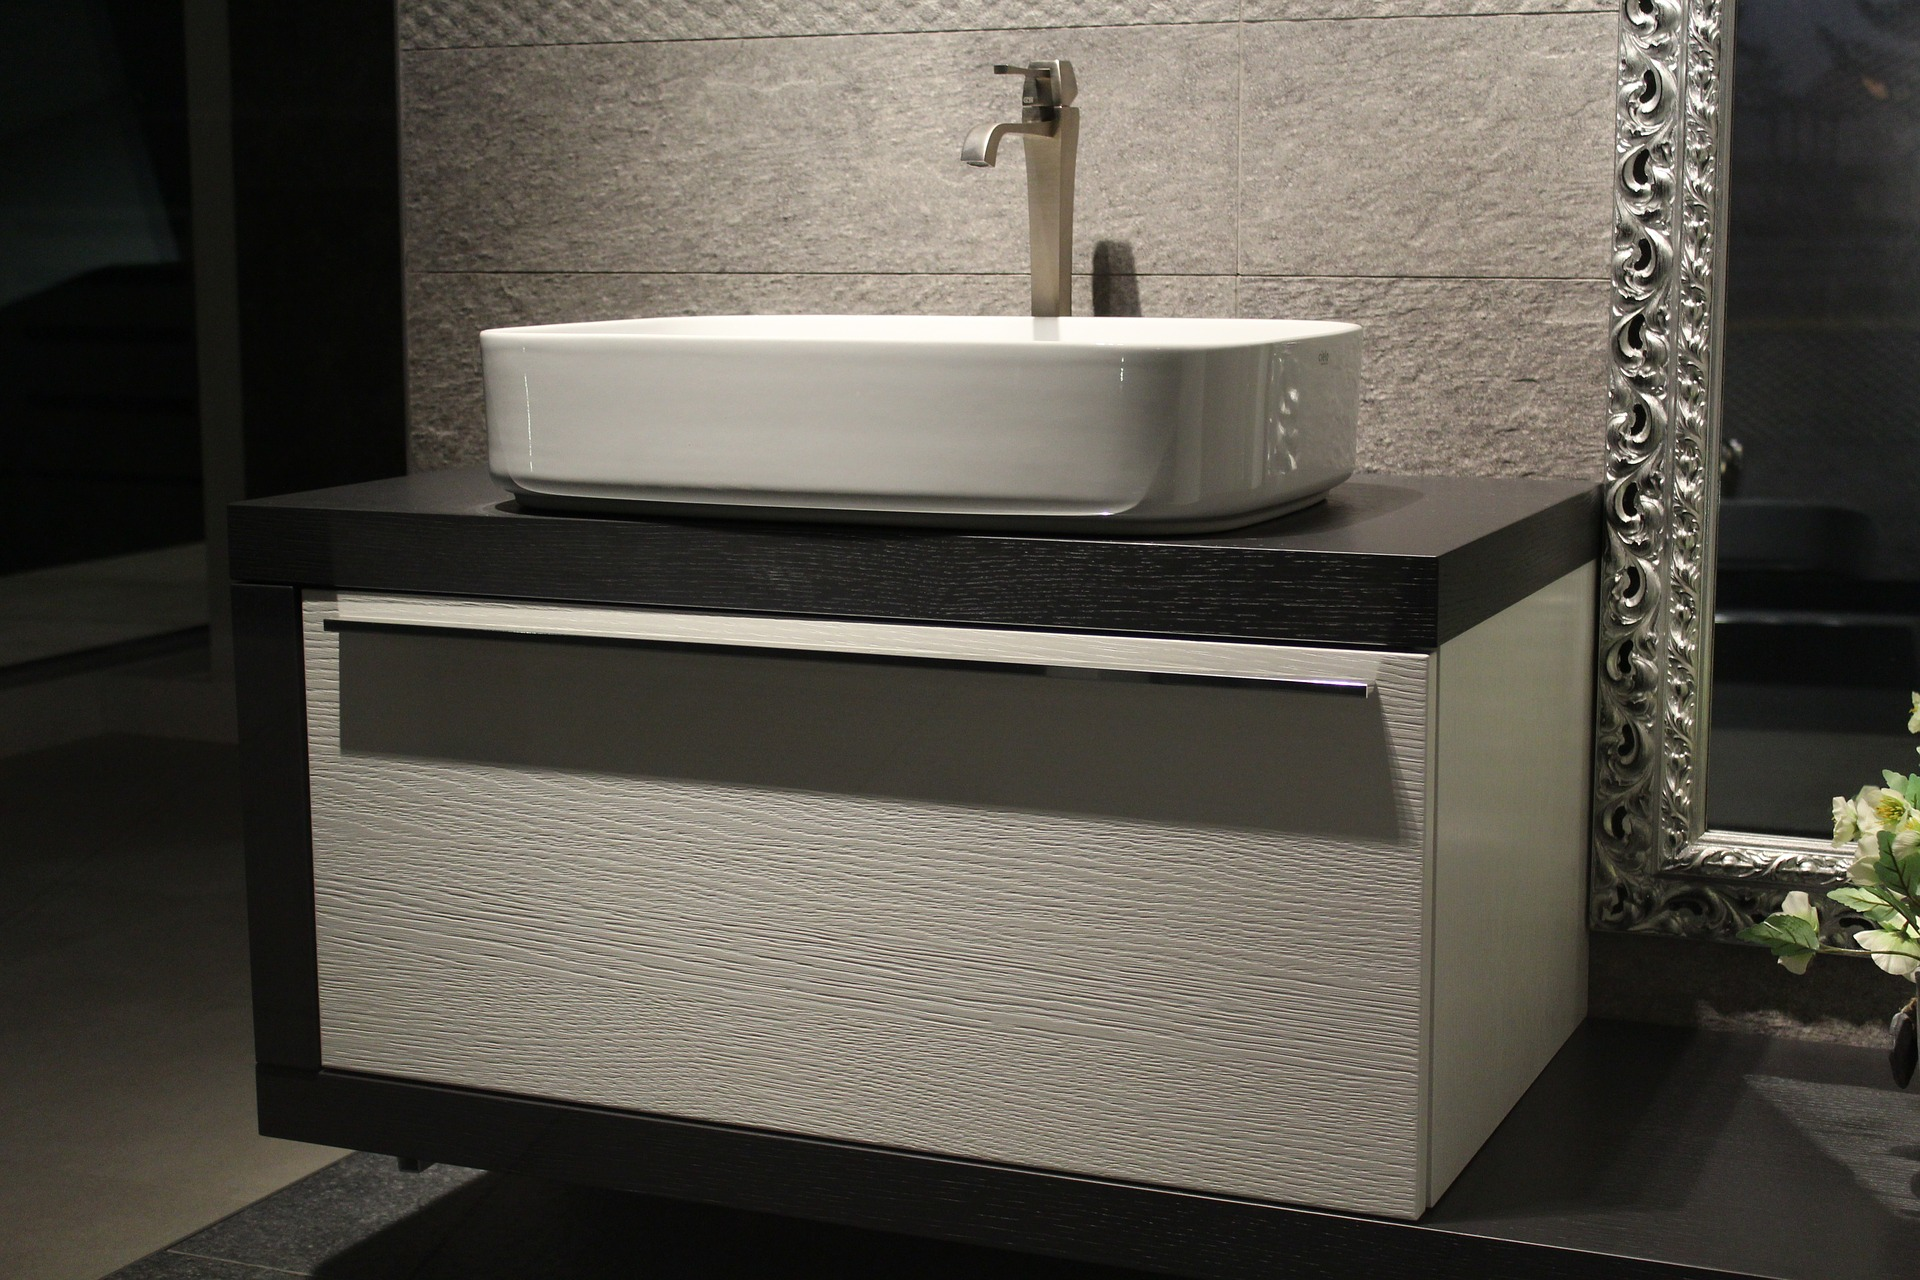 Waschbecken badzubeh r for Design waschbecken mit unterschrank